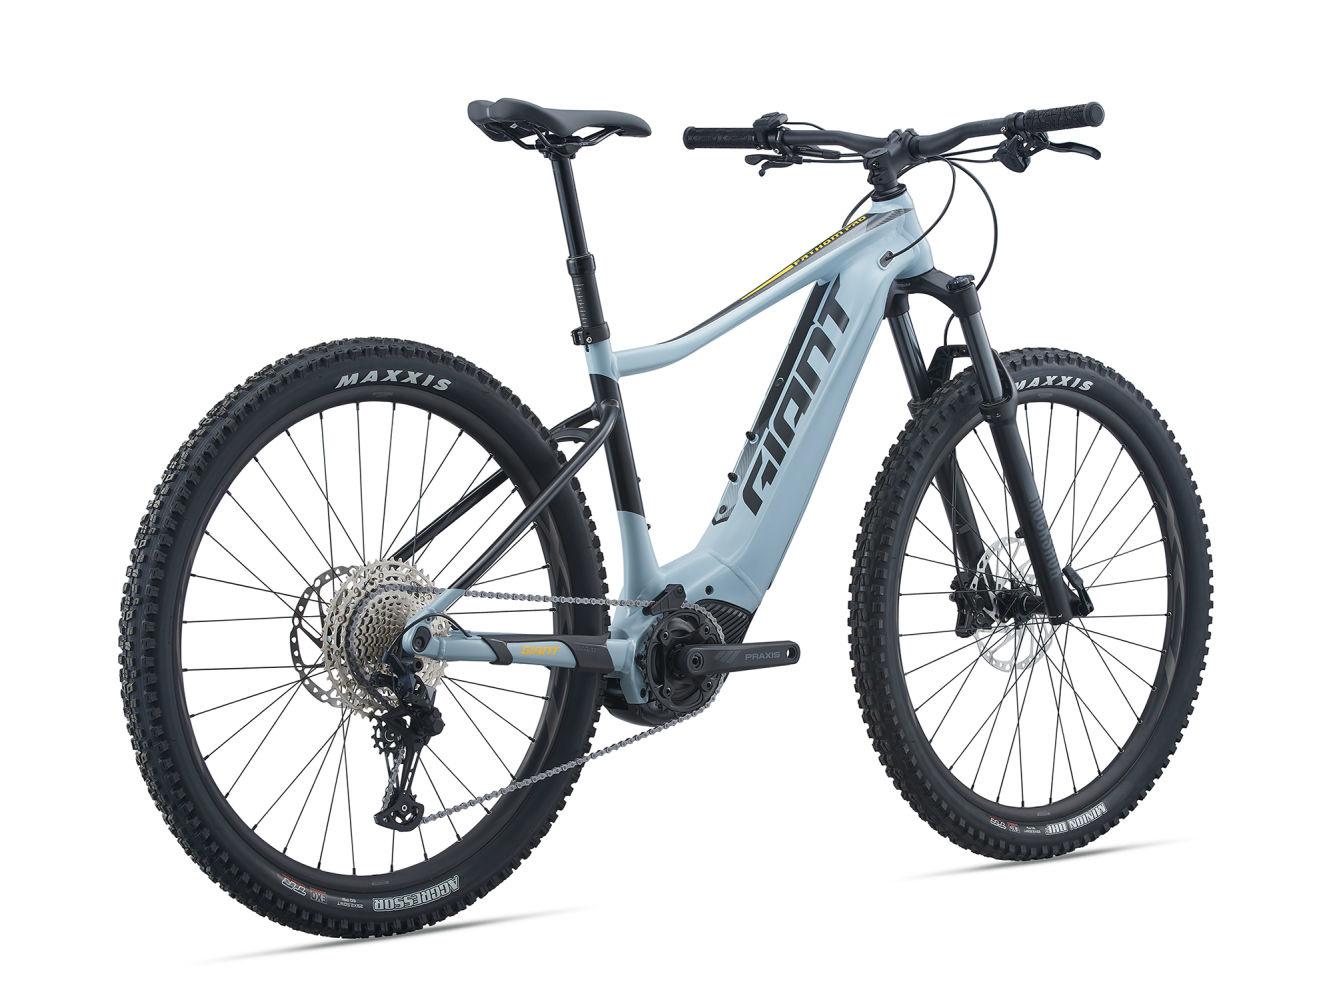 GIANT Fathom E+ 1 Pro 29er Modell 2021